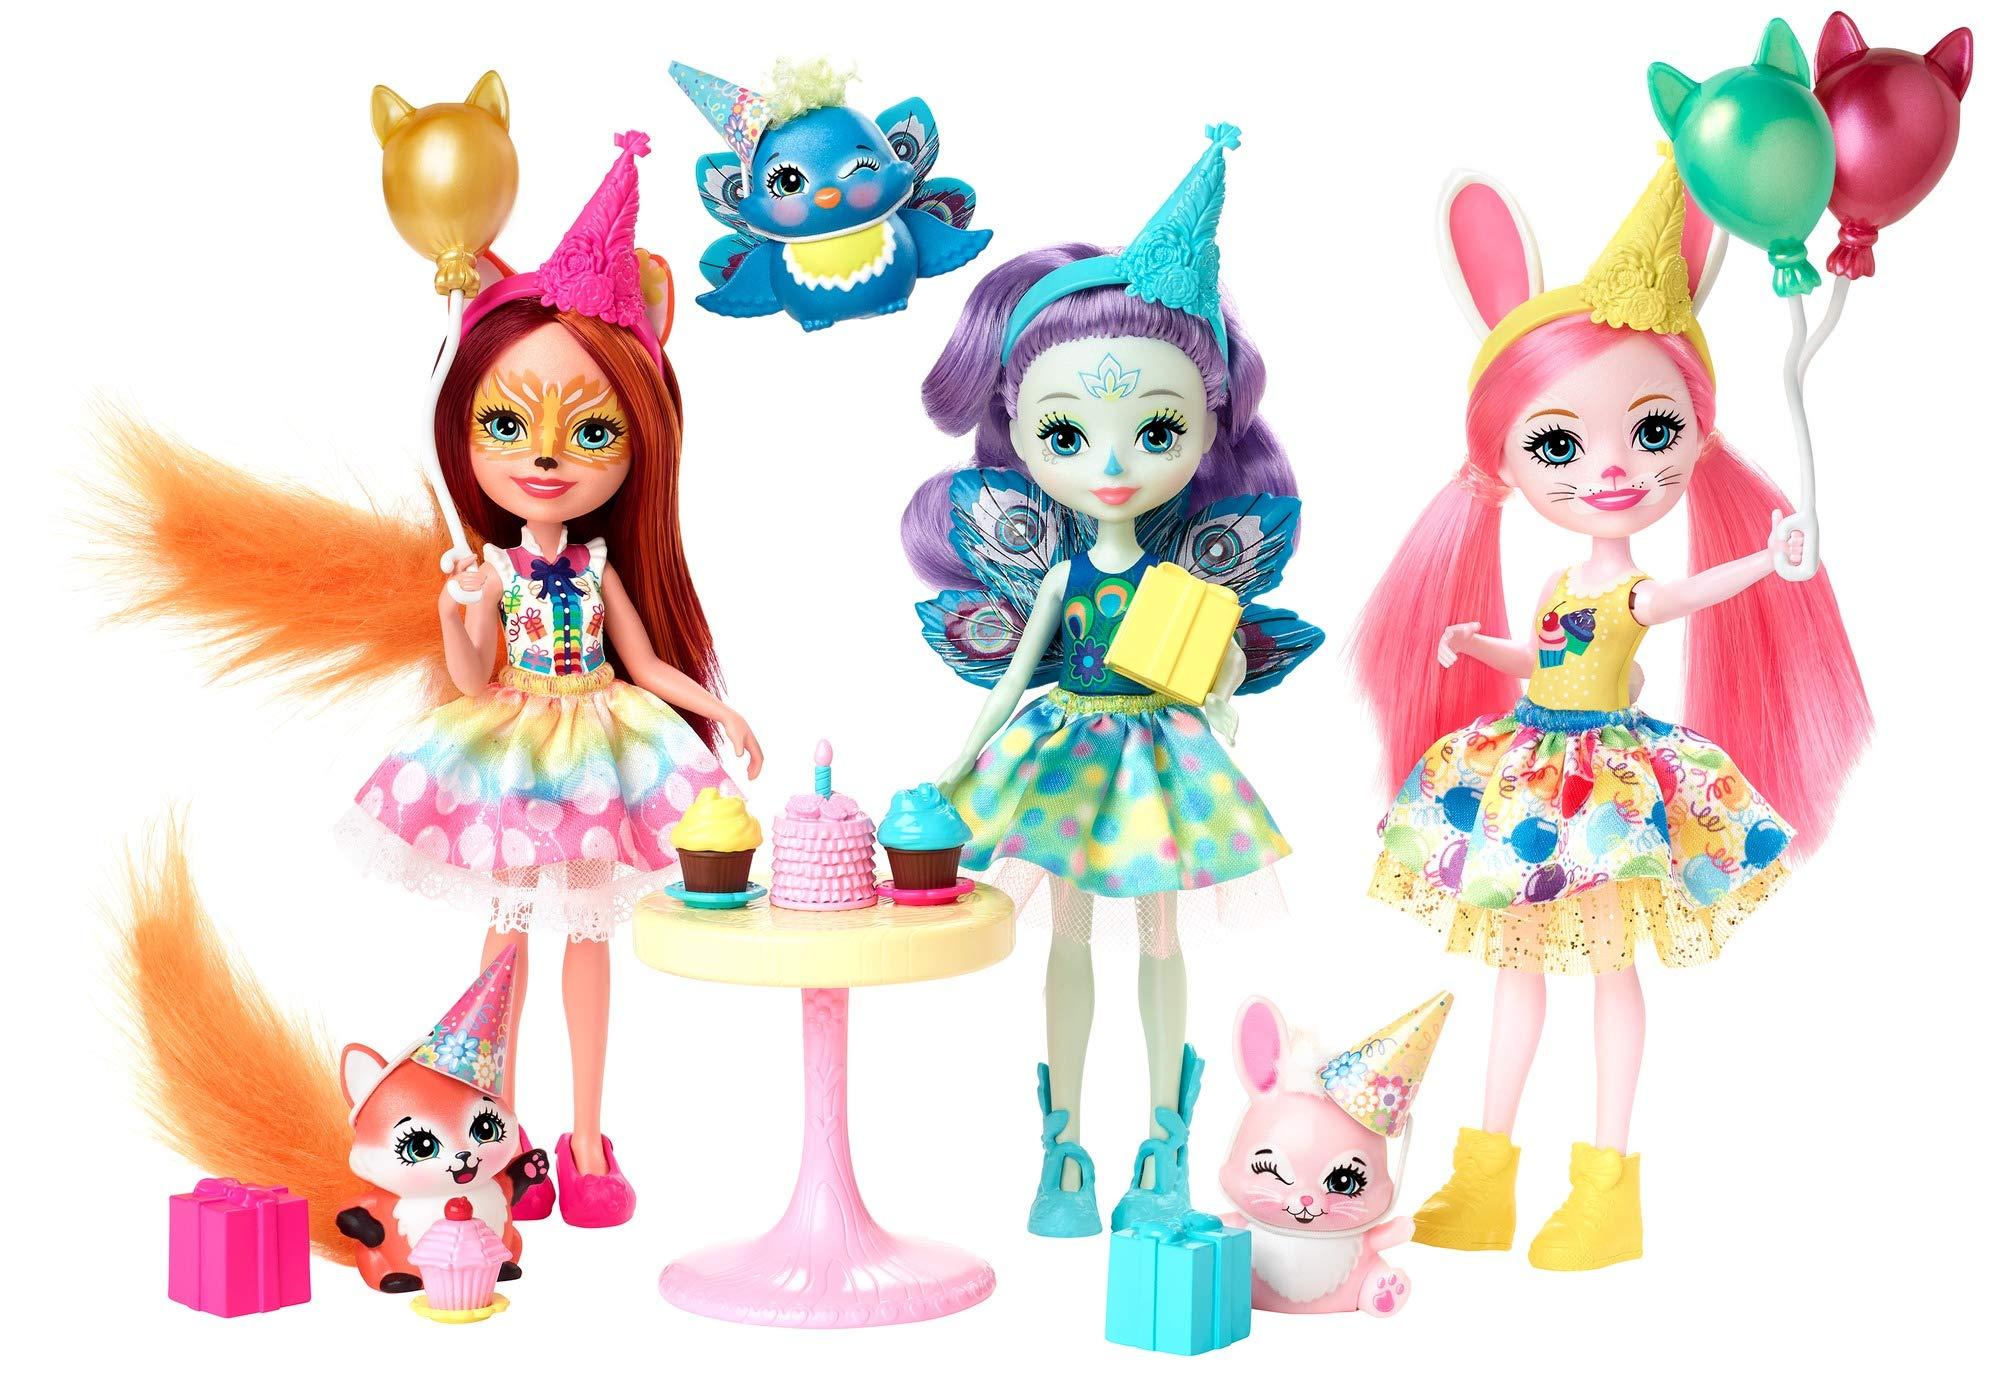 Amazon.es: Enchantimals Cumpleaños Encantados, Pack de 3 Muñecas con Accesorios (Mattel GJX22): Juguetes y juegos